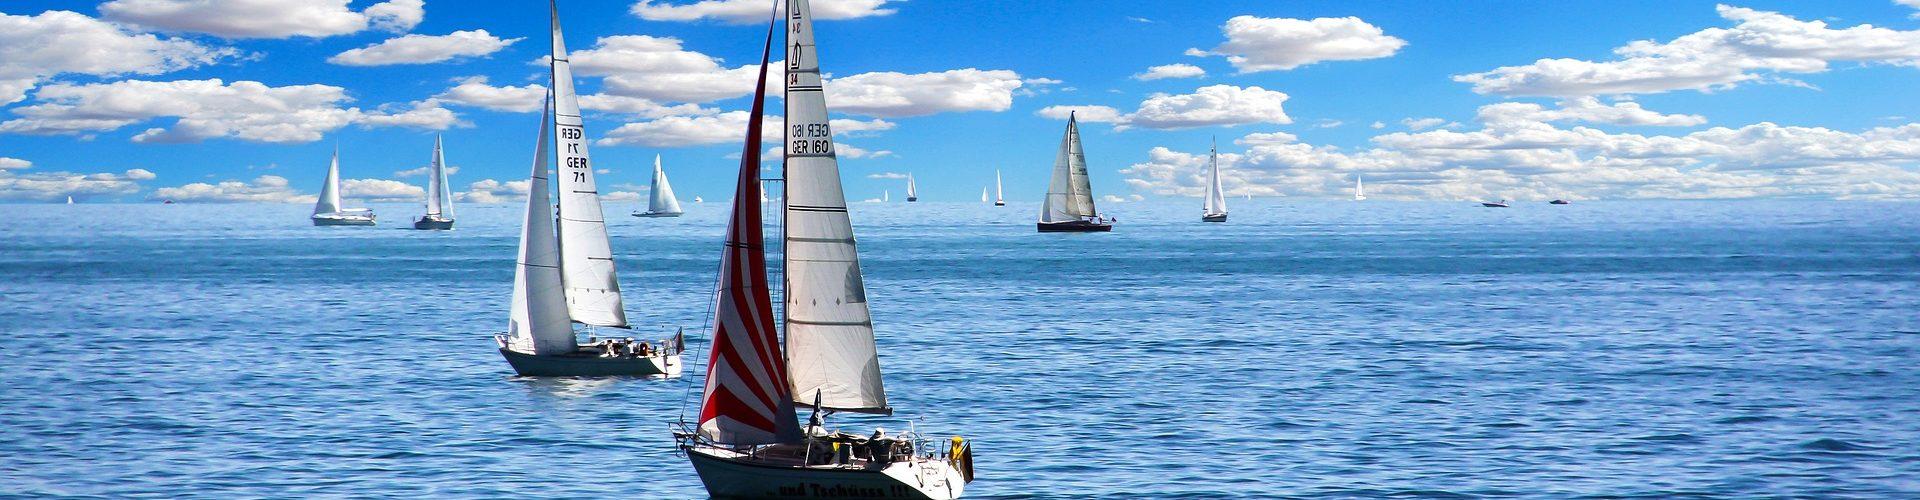 segeln lernen in Plön segelschein machen in Plön 1920x500 - Segeln lernen in Plön